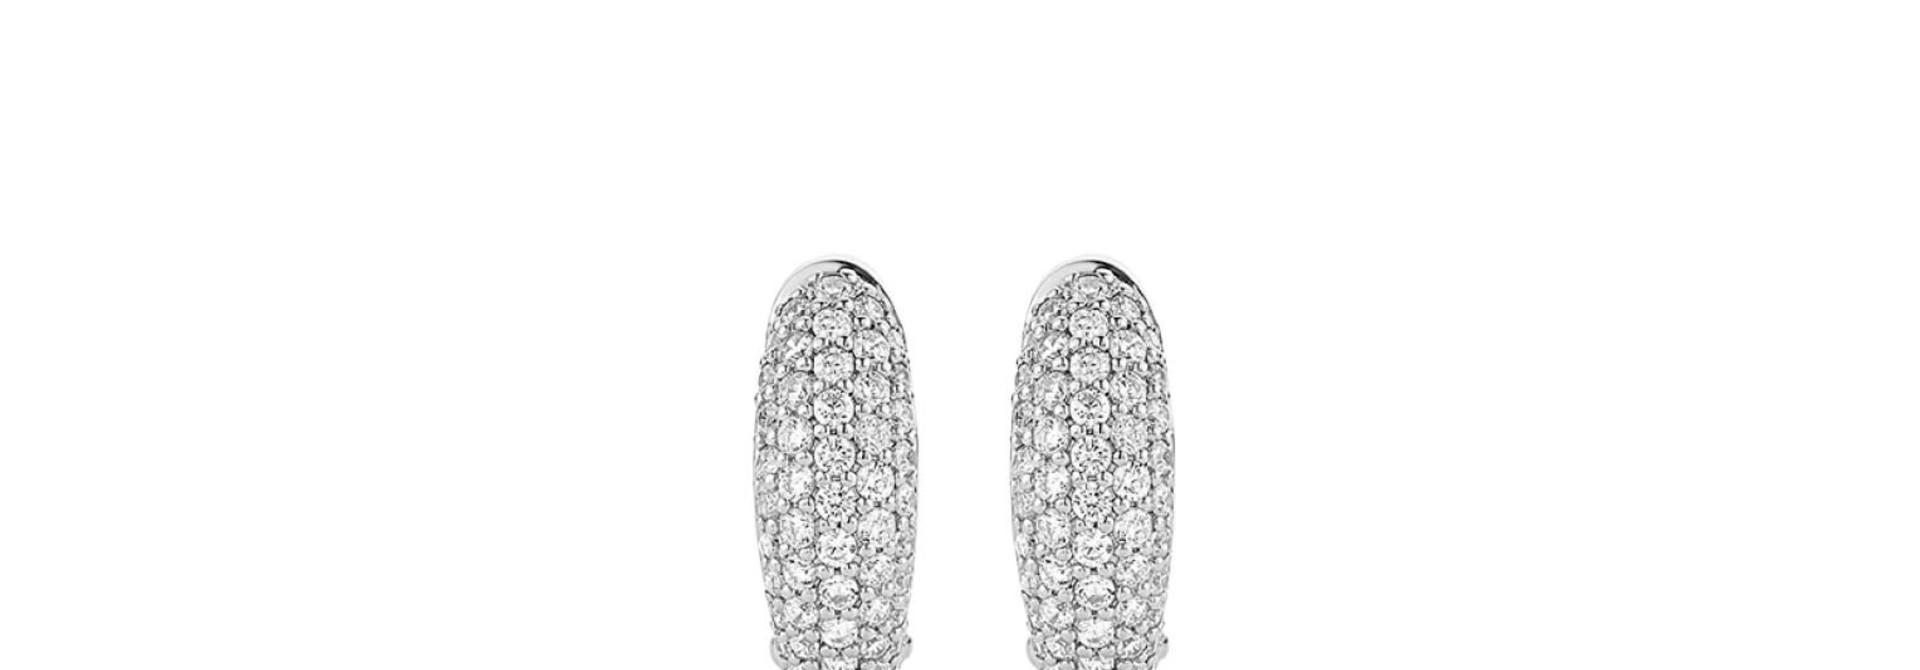 TI SENTO - Milano Earrings 7804ZI